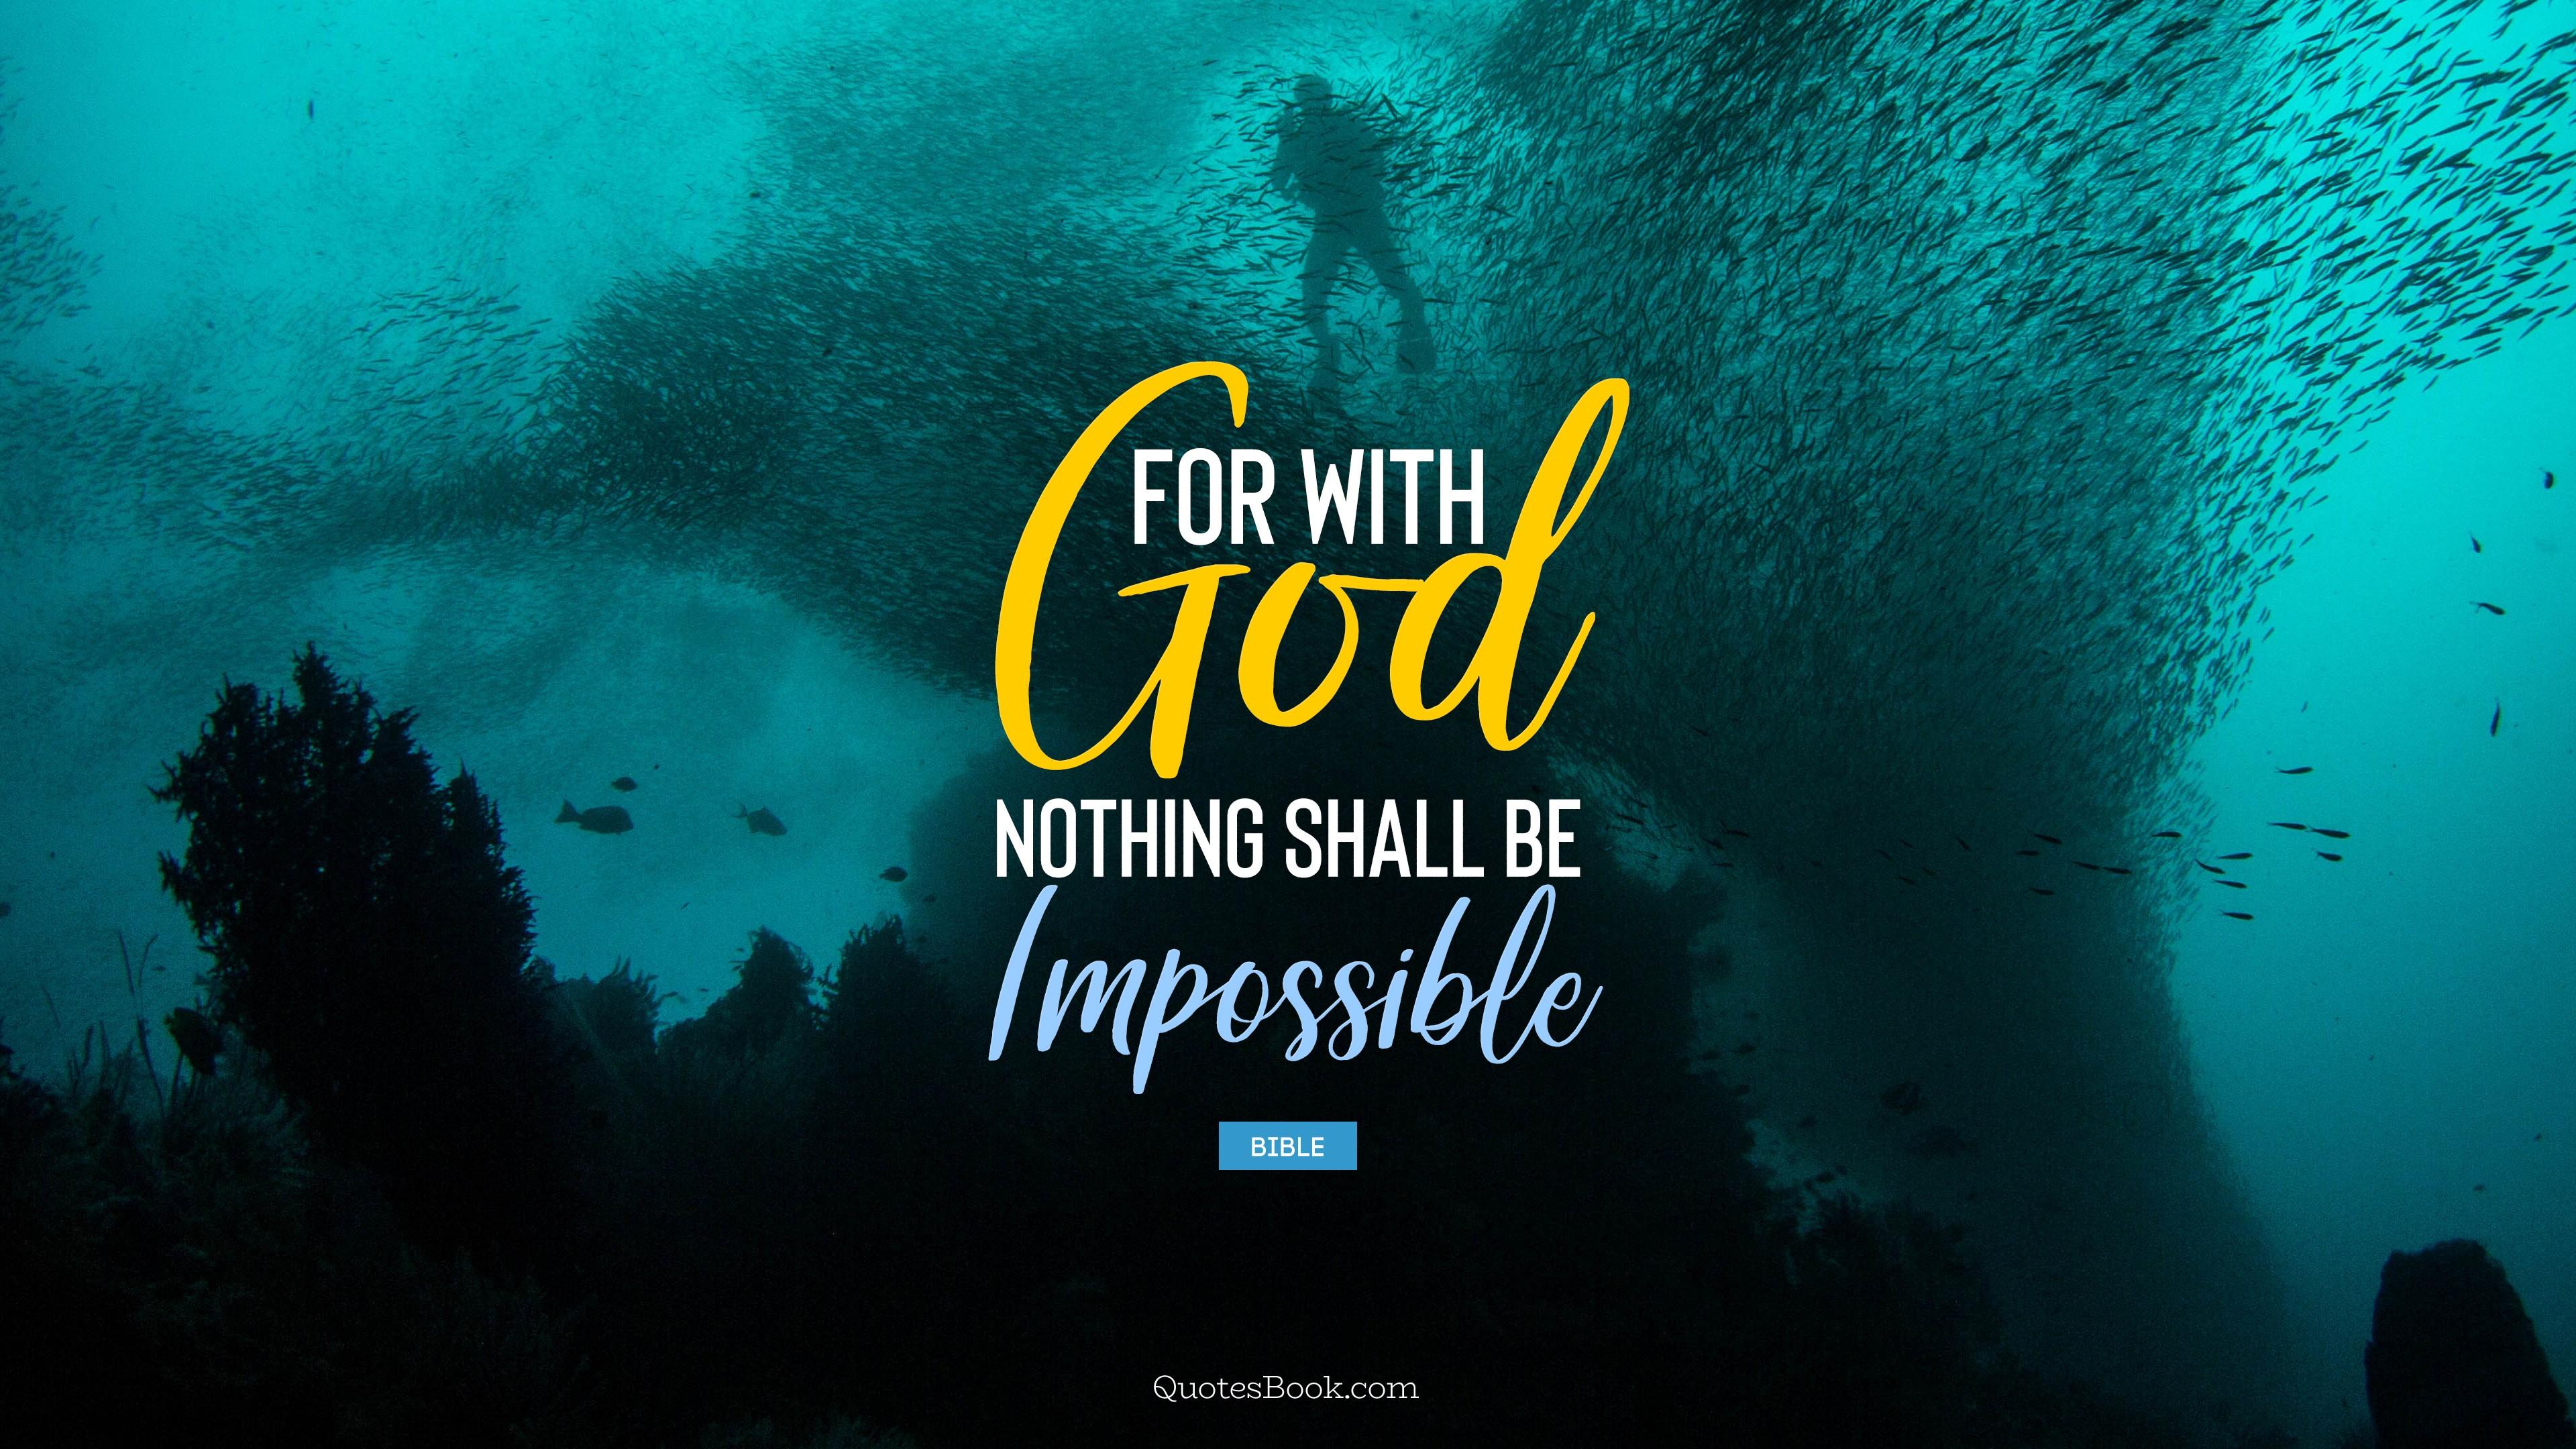 God Quotes Wallpaper Hd - 3840x2160 ...